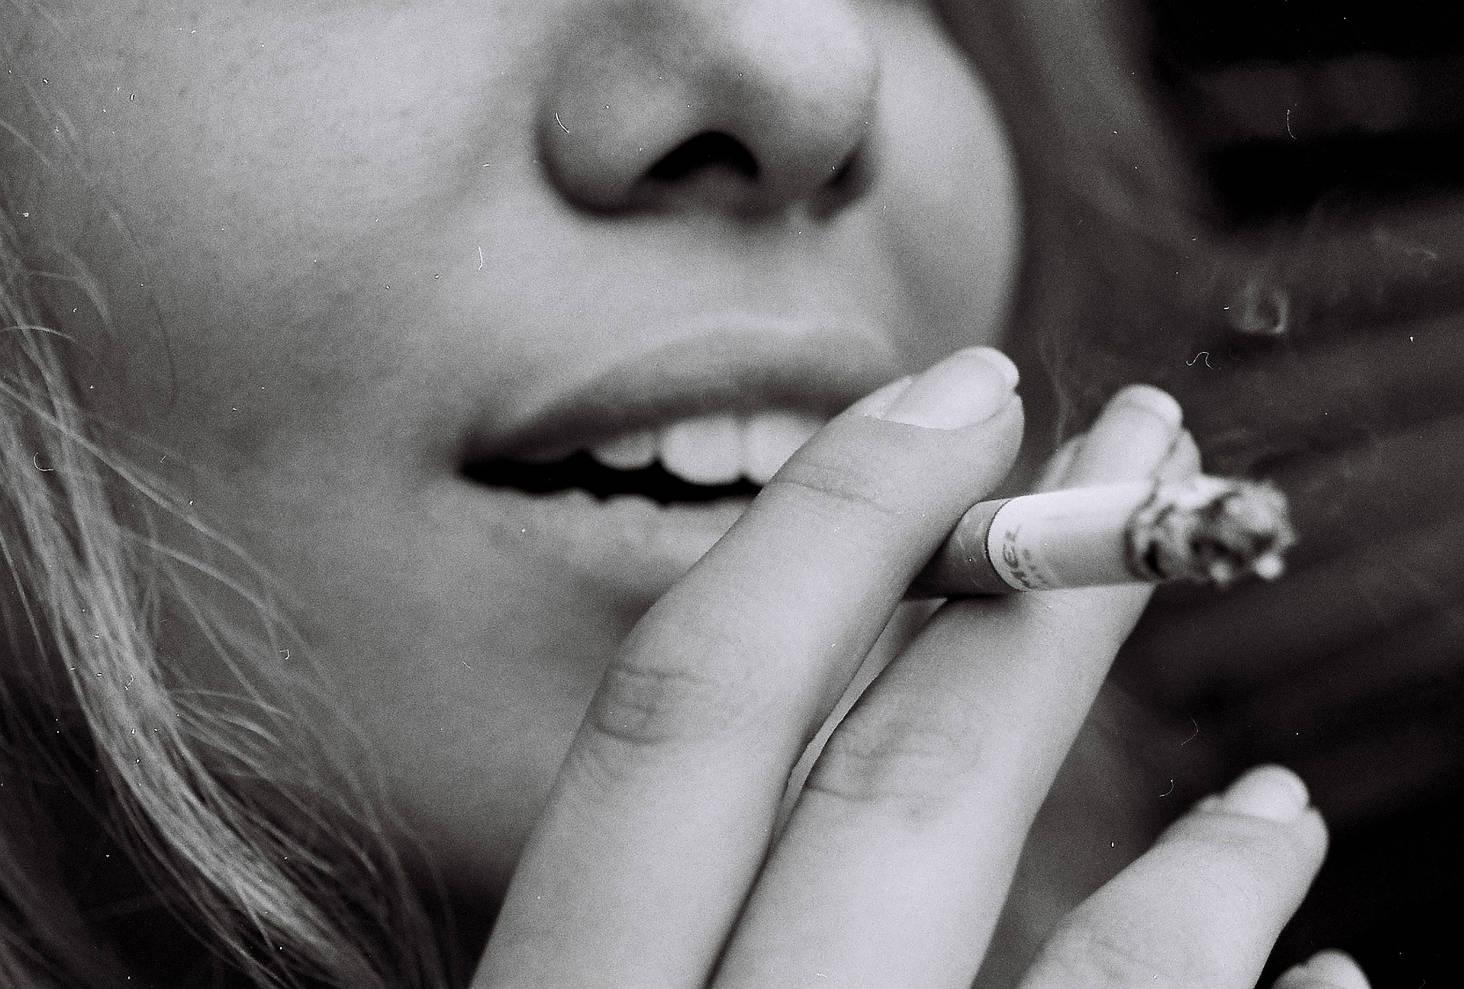 La sigaretta come prolungamento di sé, un braccio di nicotina